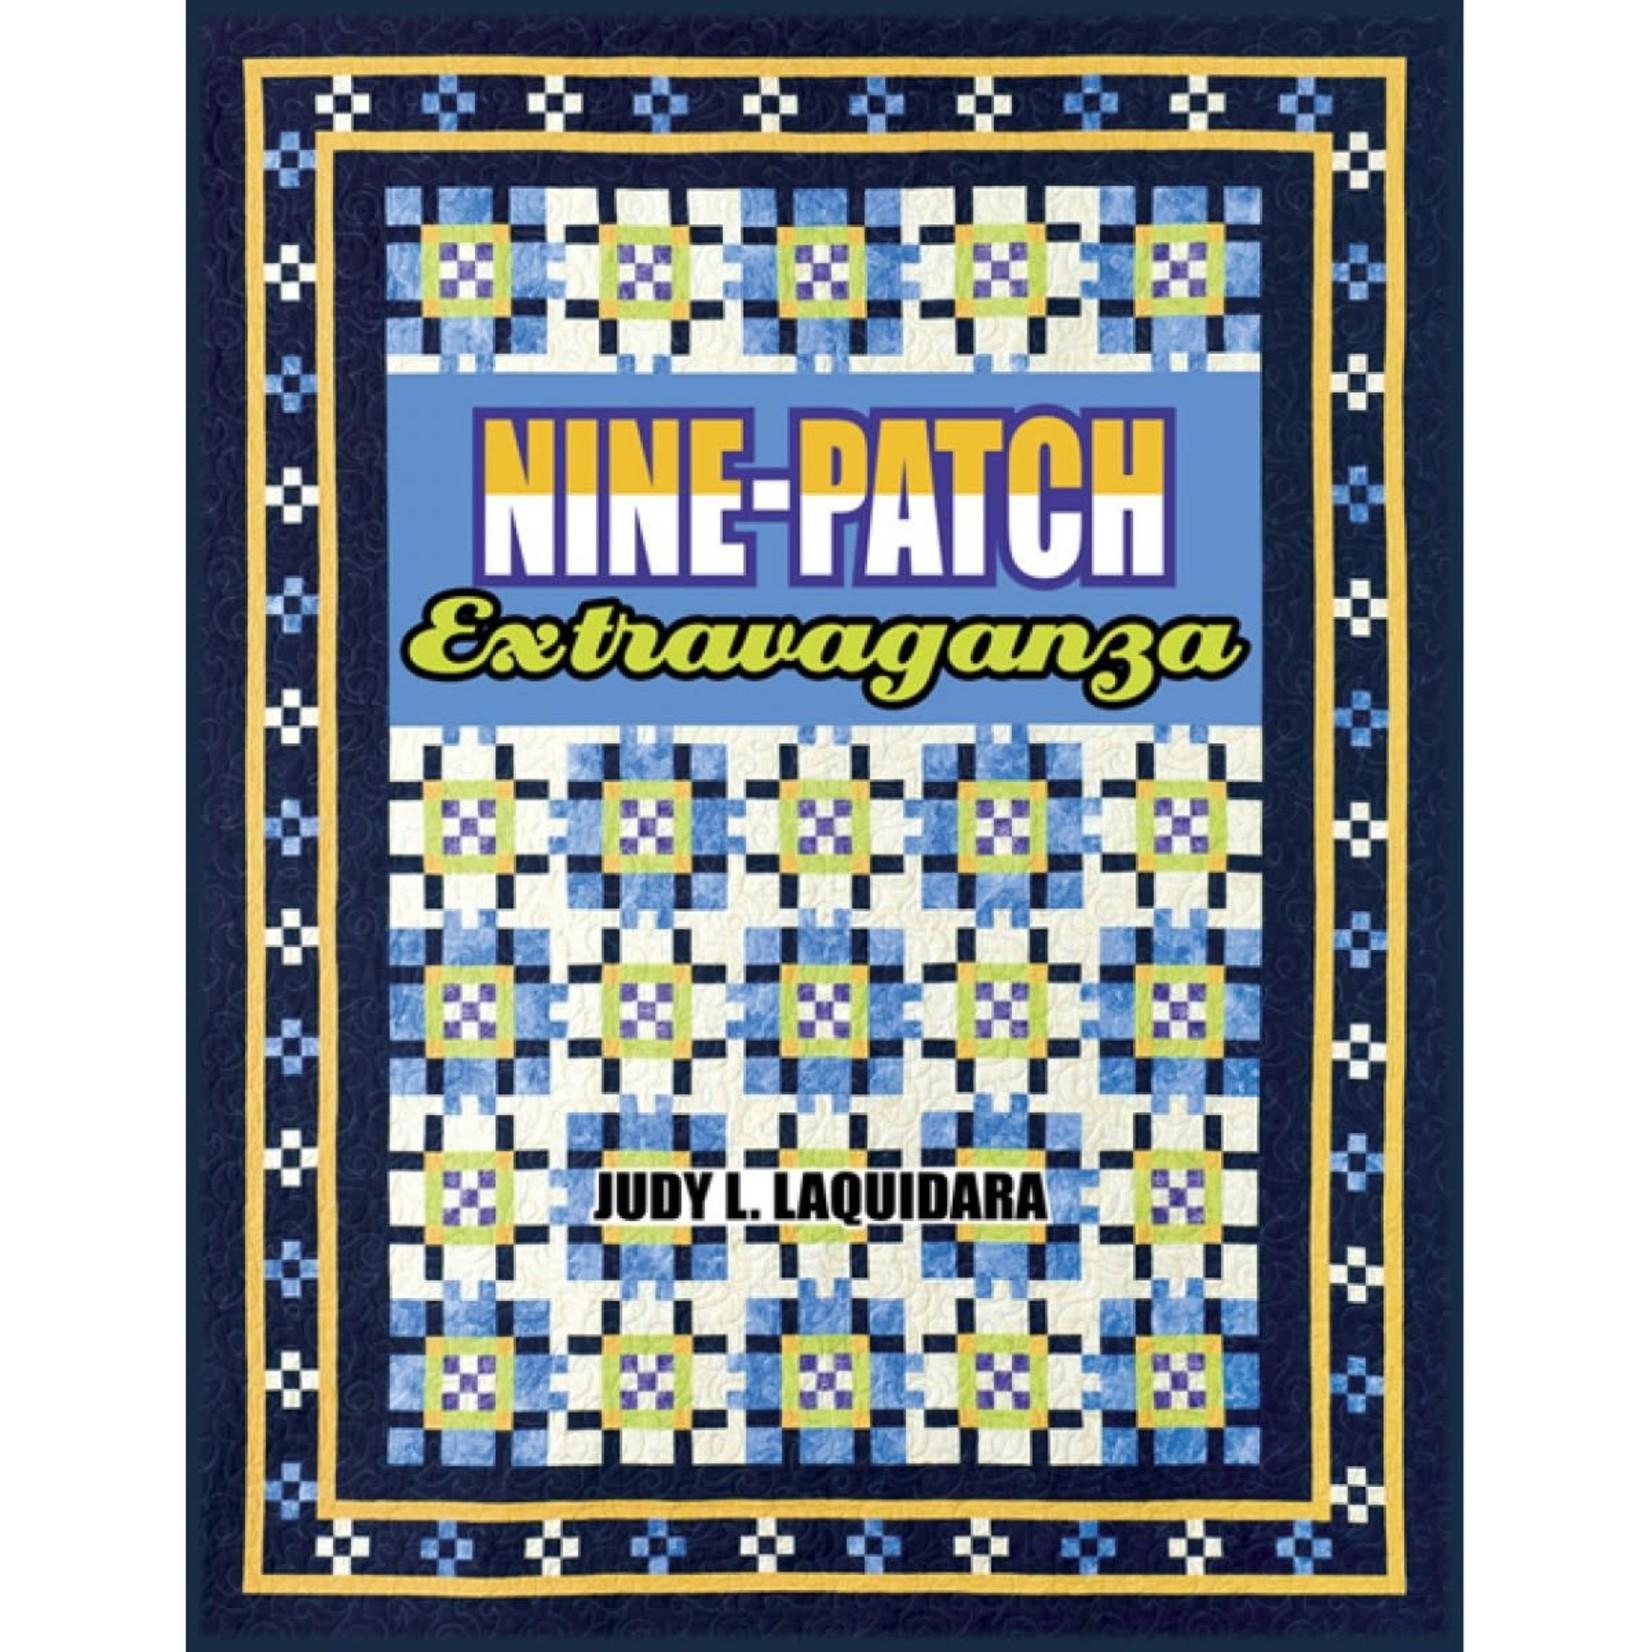 NINE-PATCH EXTRAVAGANZA BOOK